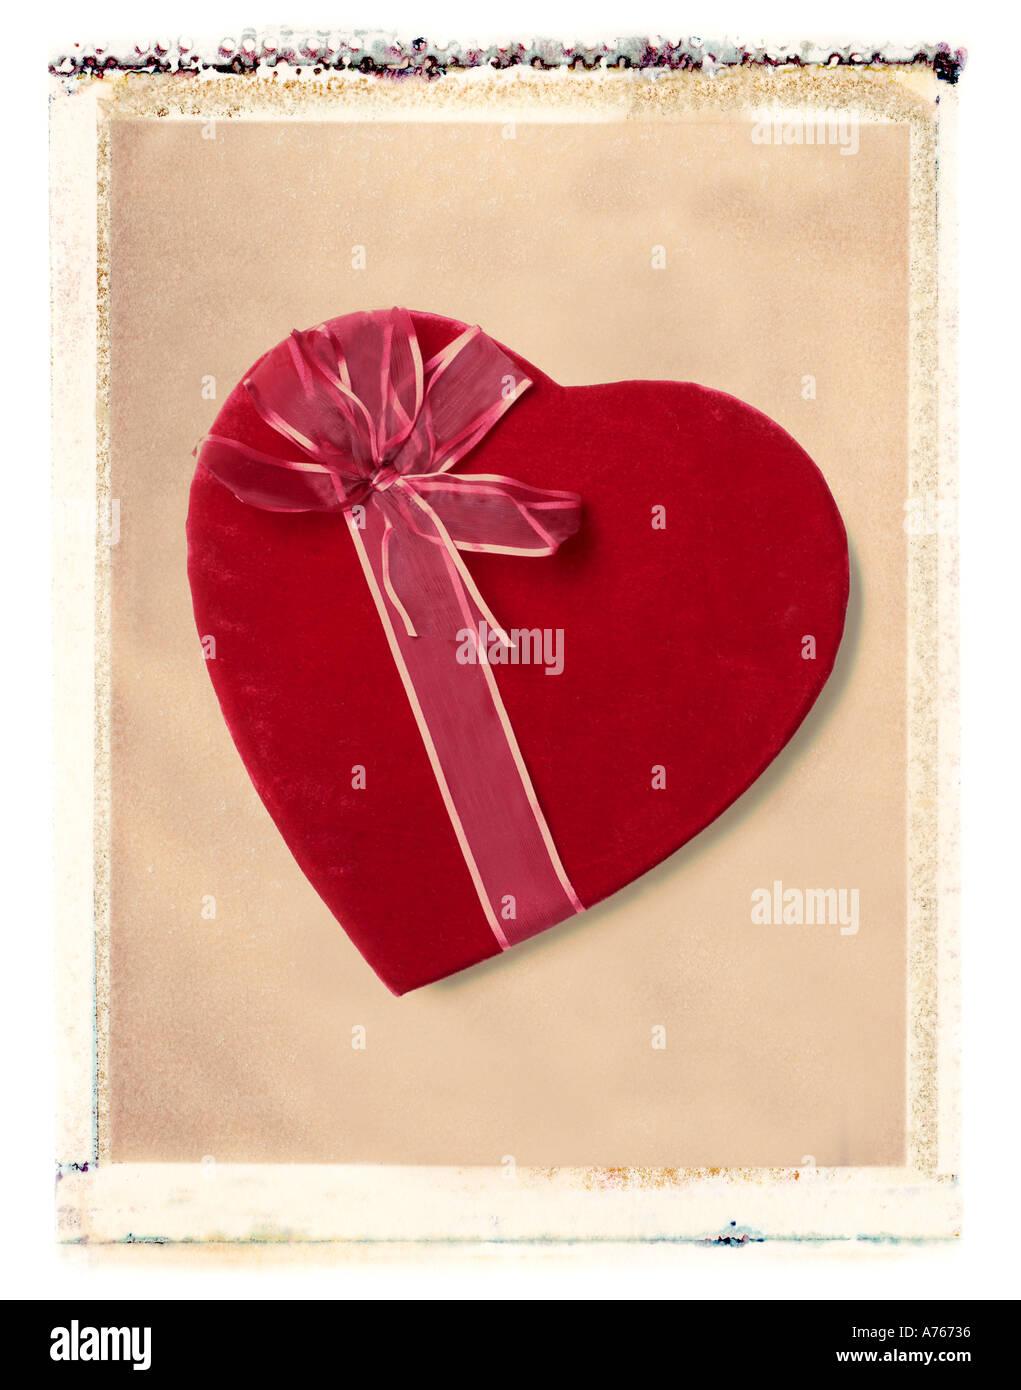 Giorno di san valentino candy cuore dono Immagini Stock